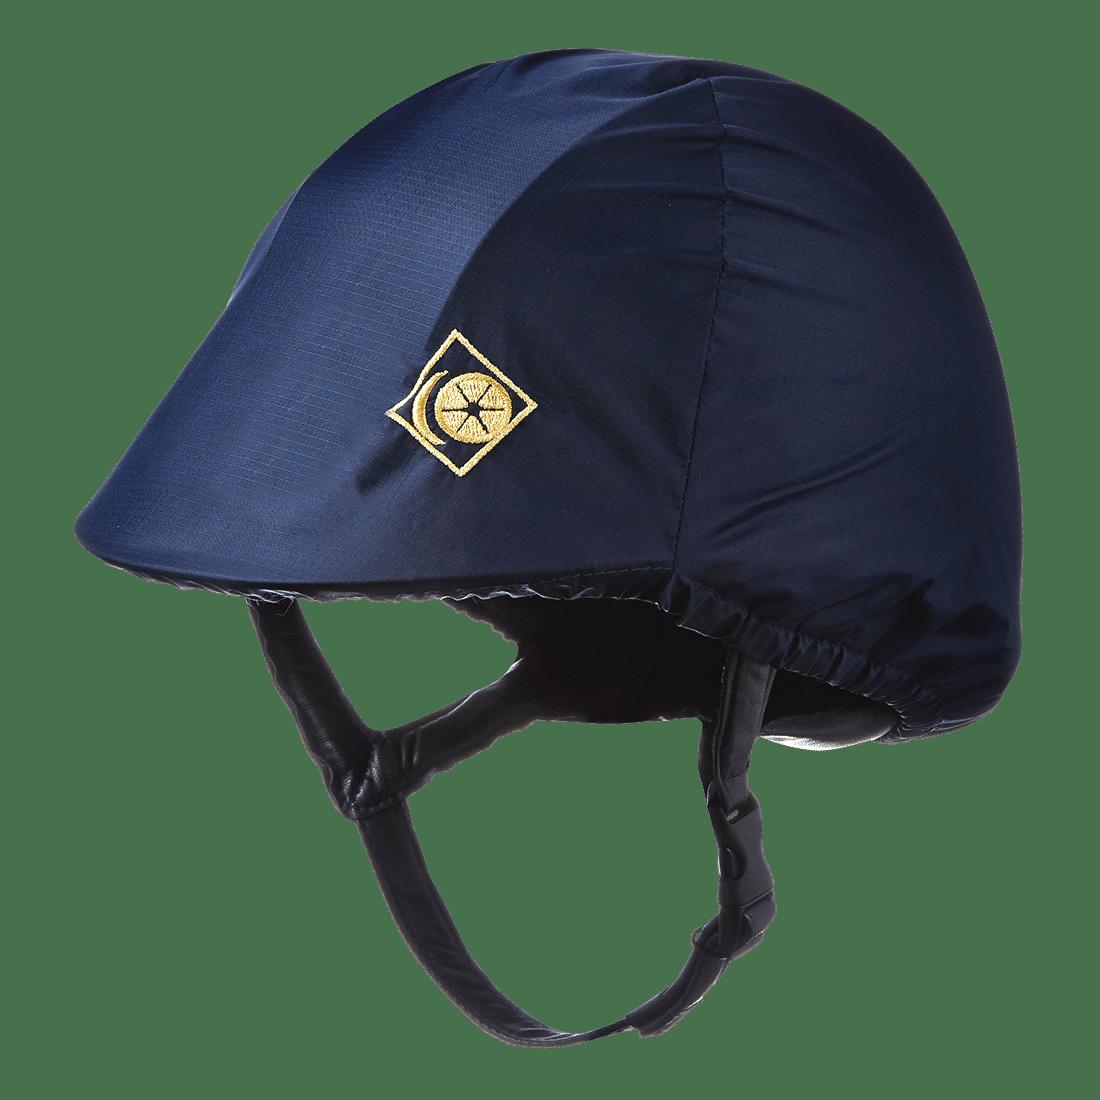 Charles Owen Waterproof Helmet Cover